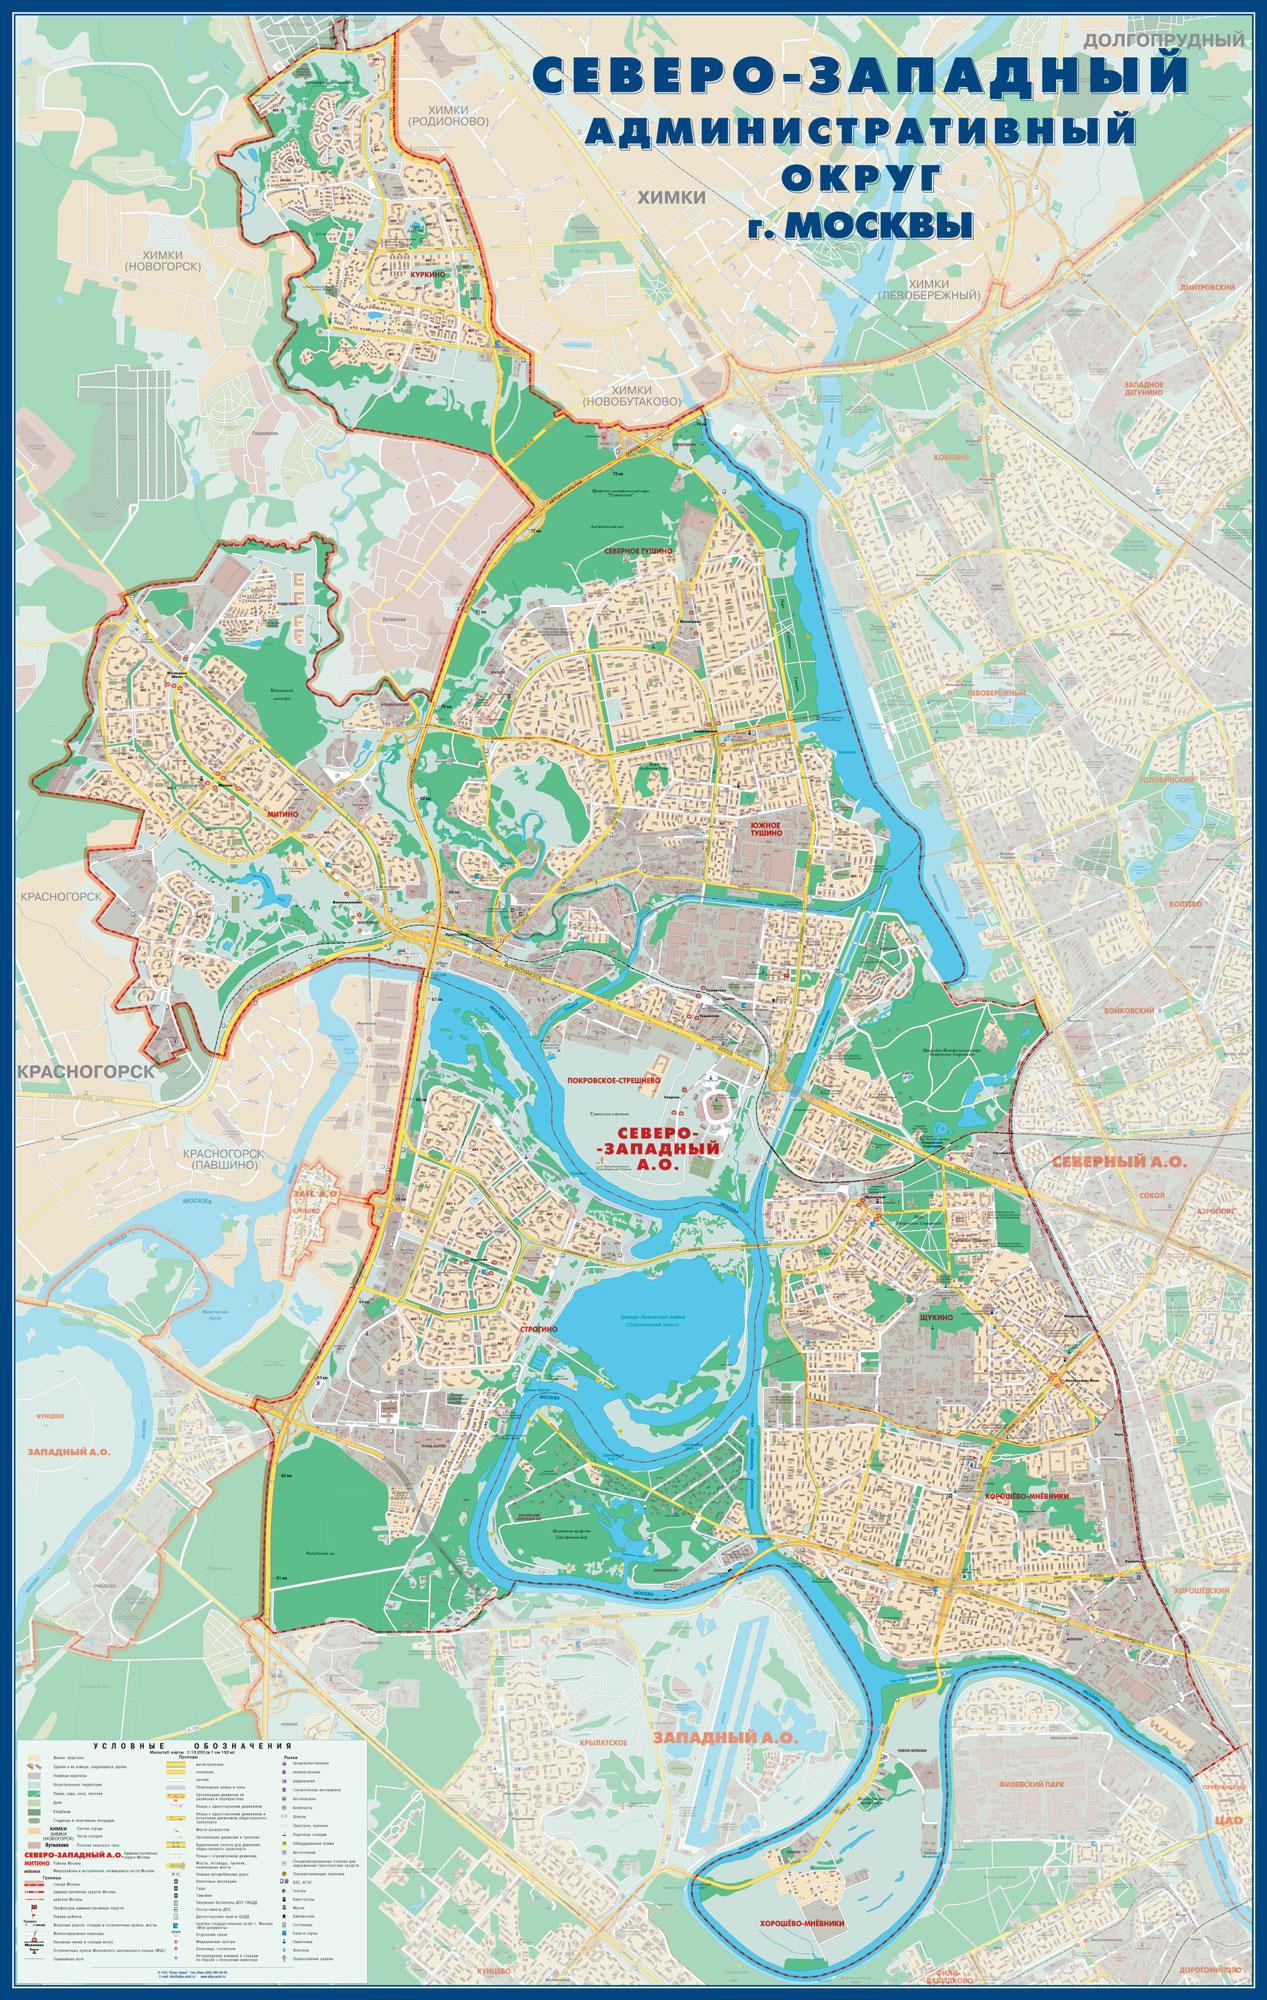 Настенная карта Северо-Западного административного округа Москвы. СЗАО размер 1,00х1,61 м. выполняется на заказ